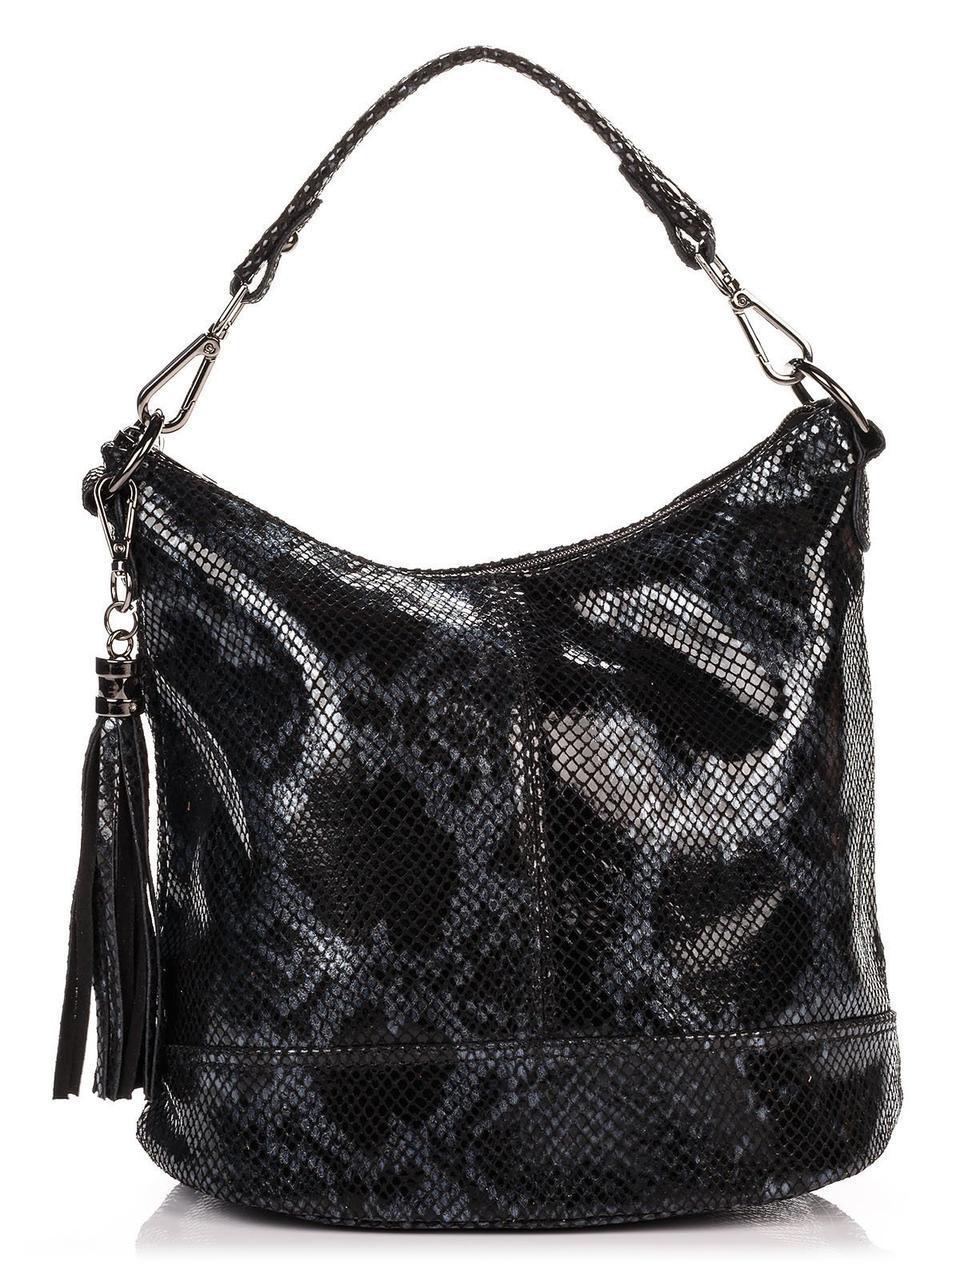 Анималистическая женская сумка-ковш SISSI Diva's Bag черная 26 см х 27 см х 15 см